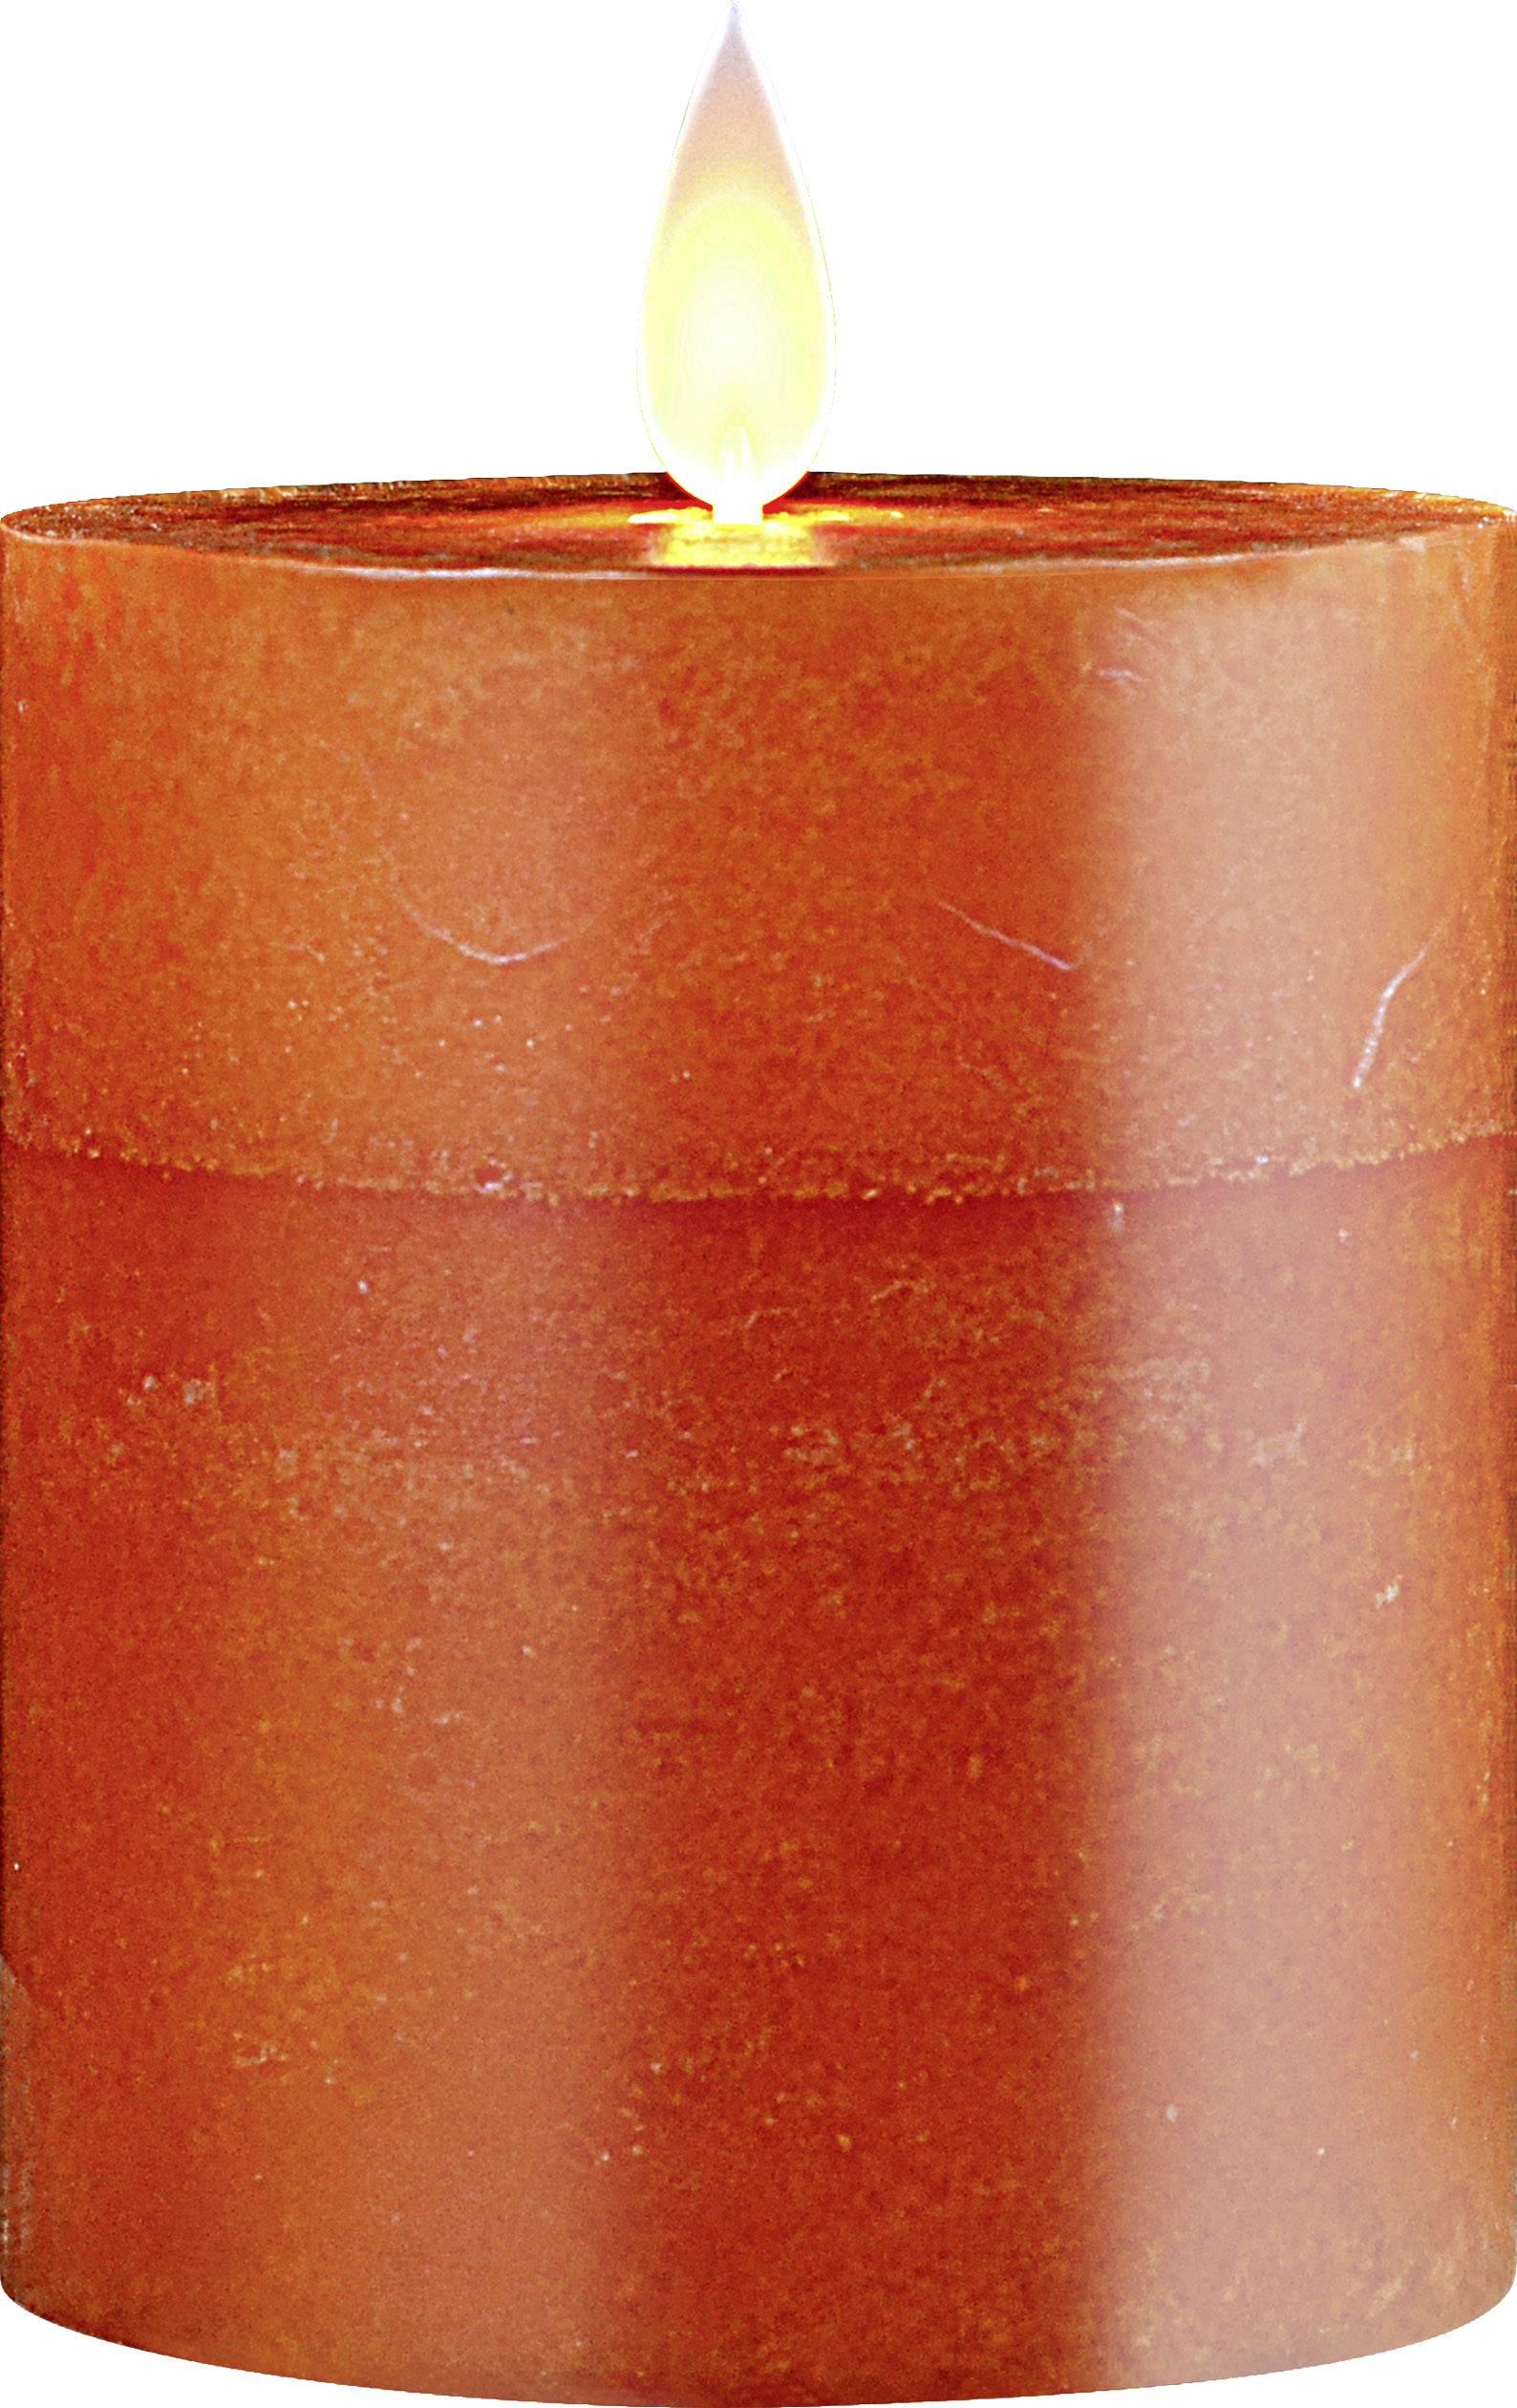 LED vosková svíčka Polarlite vnitřní/venkovní, oranžová, 1 ks